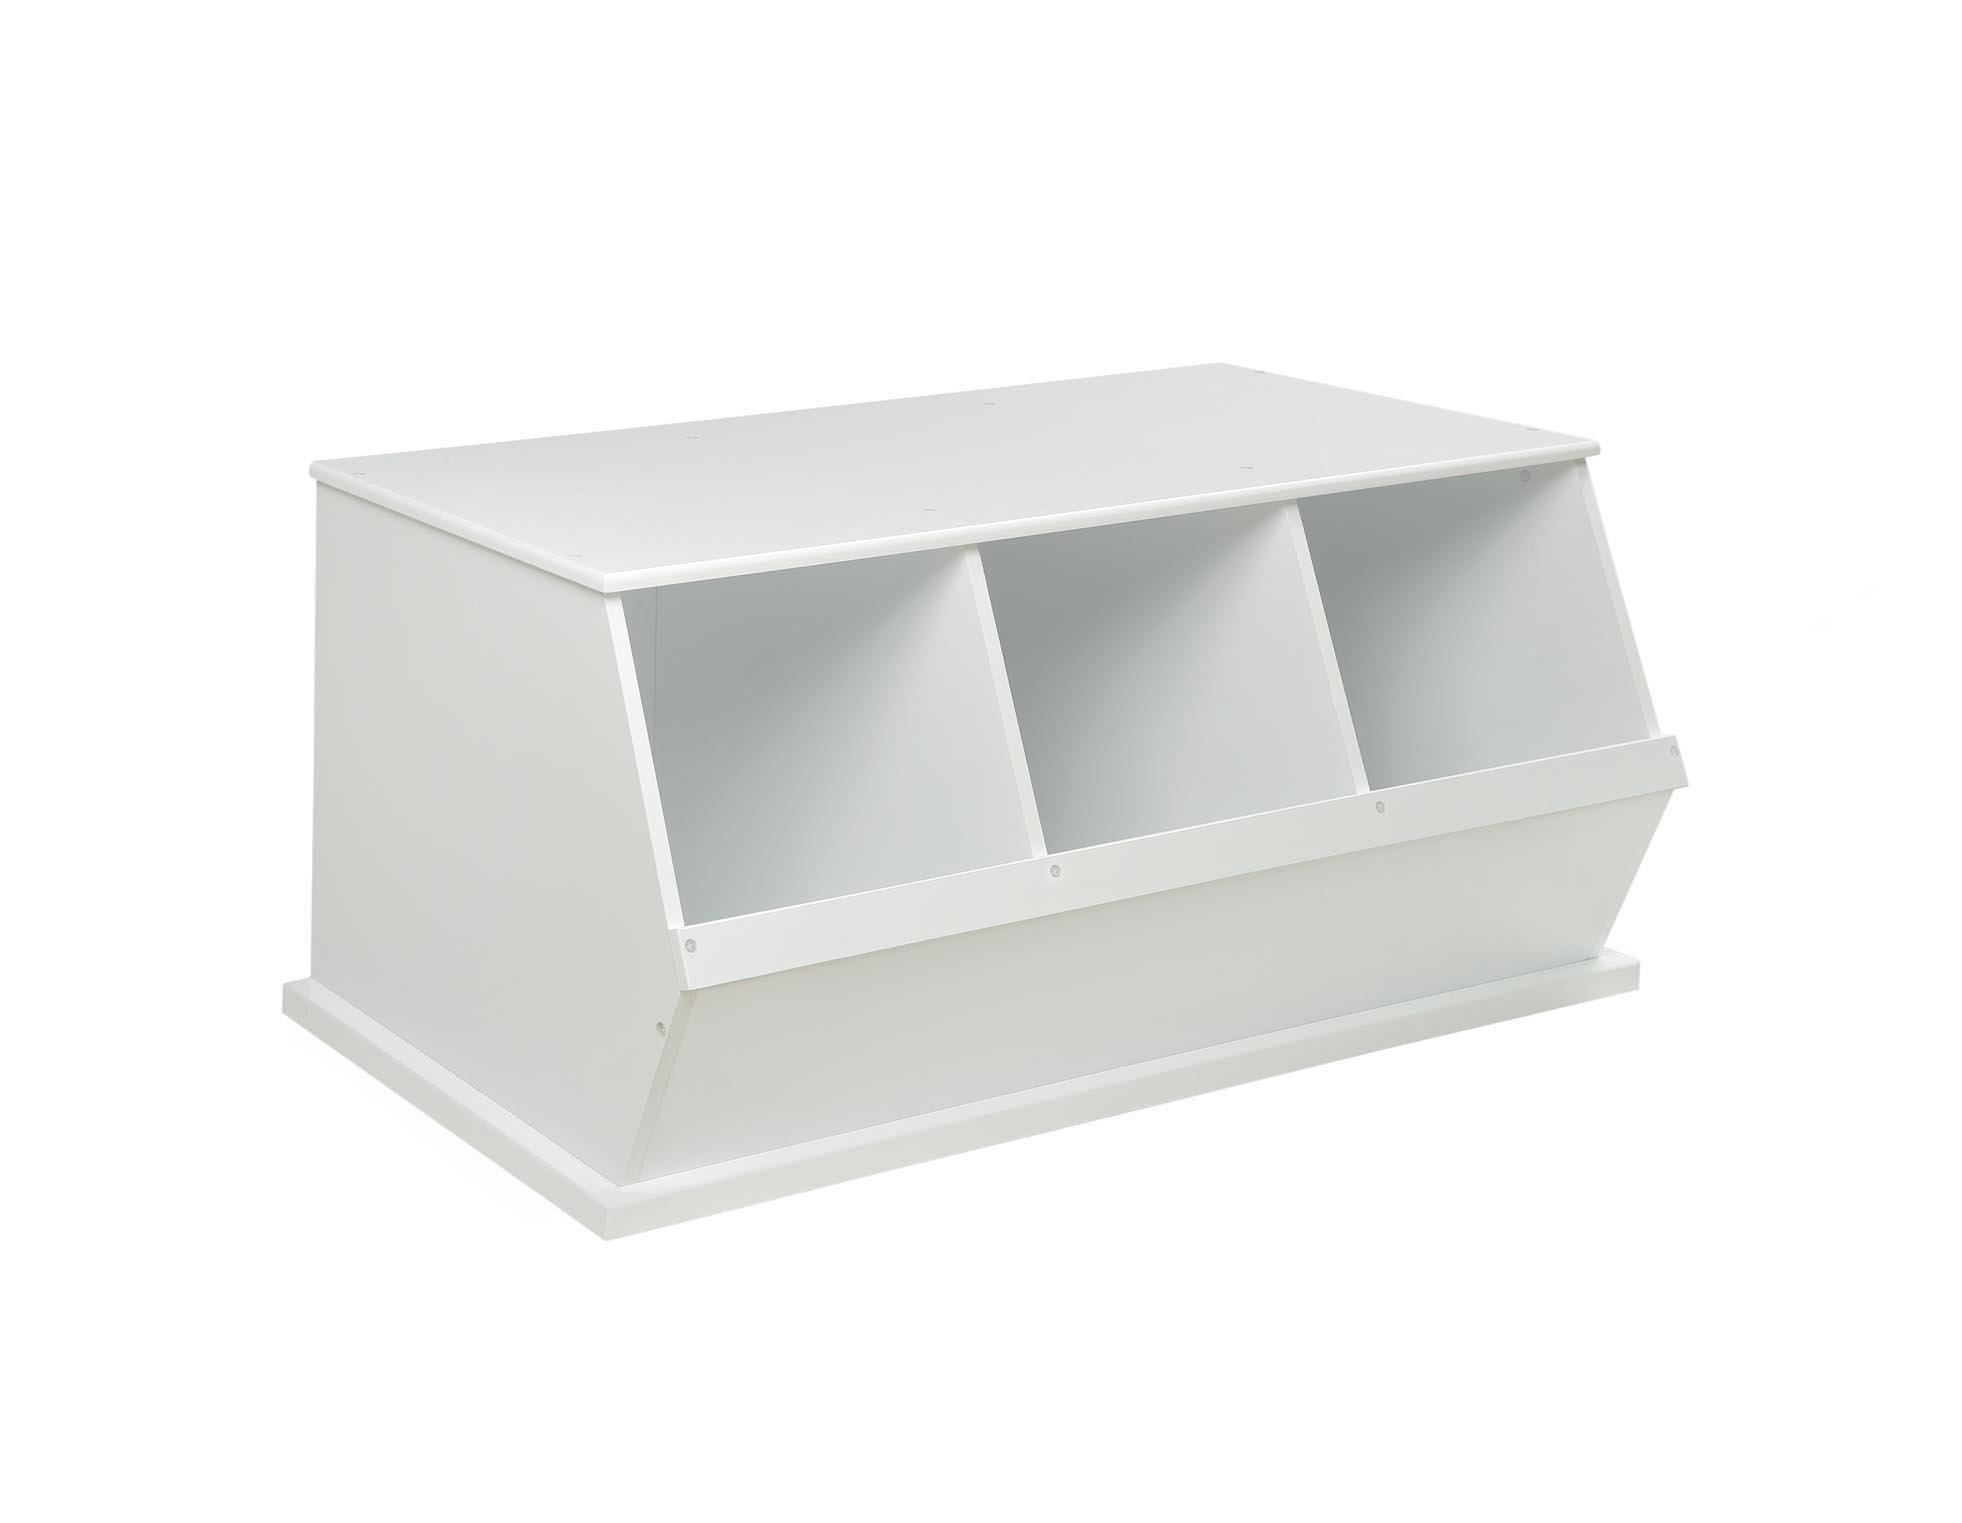 Badger Basket Three Bin Storage Cubby - White